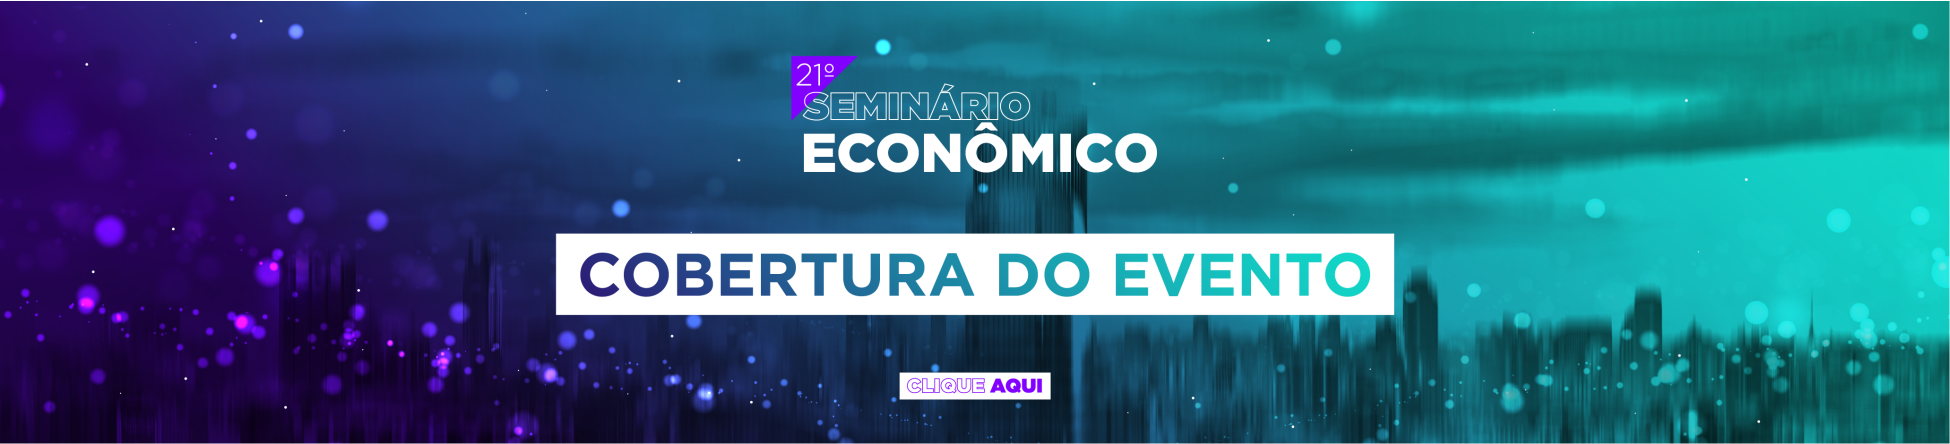 banner_seminario